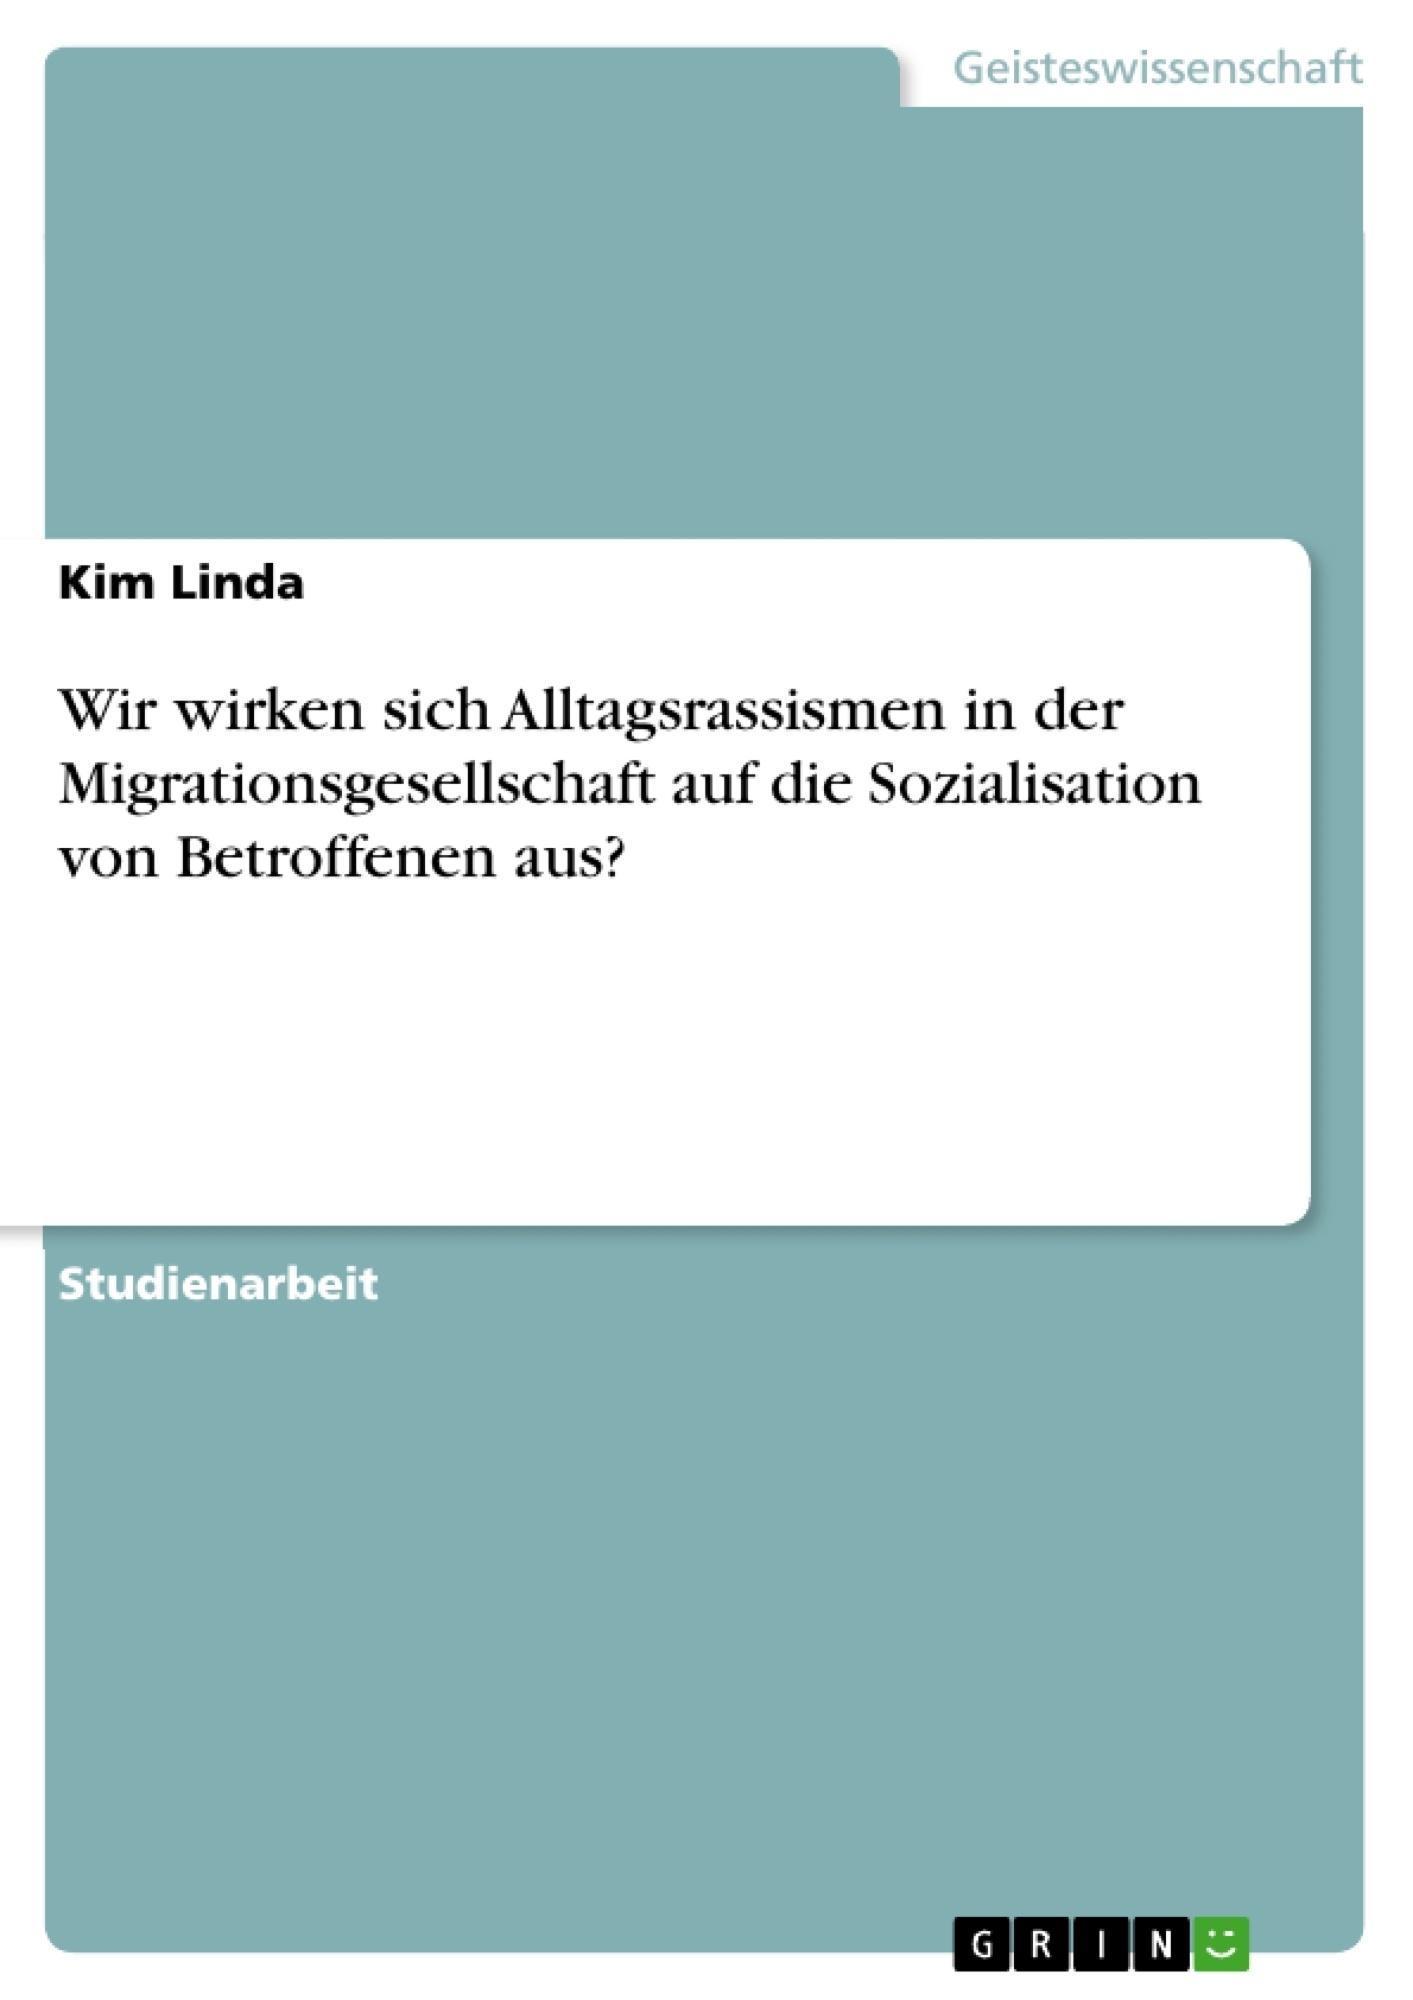 Titel: Wir wirken sich Alltagsrassismen in der Migrationsgesellschaft auf die Sozialisation von Betroffenen aus?